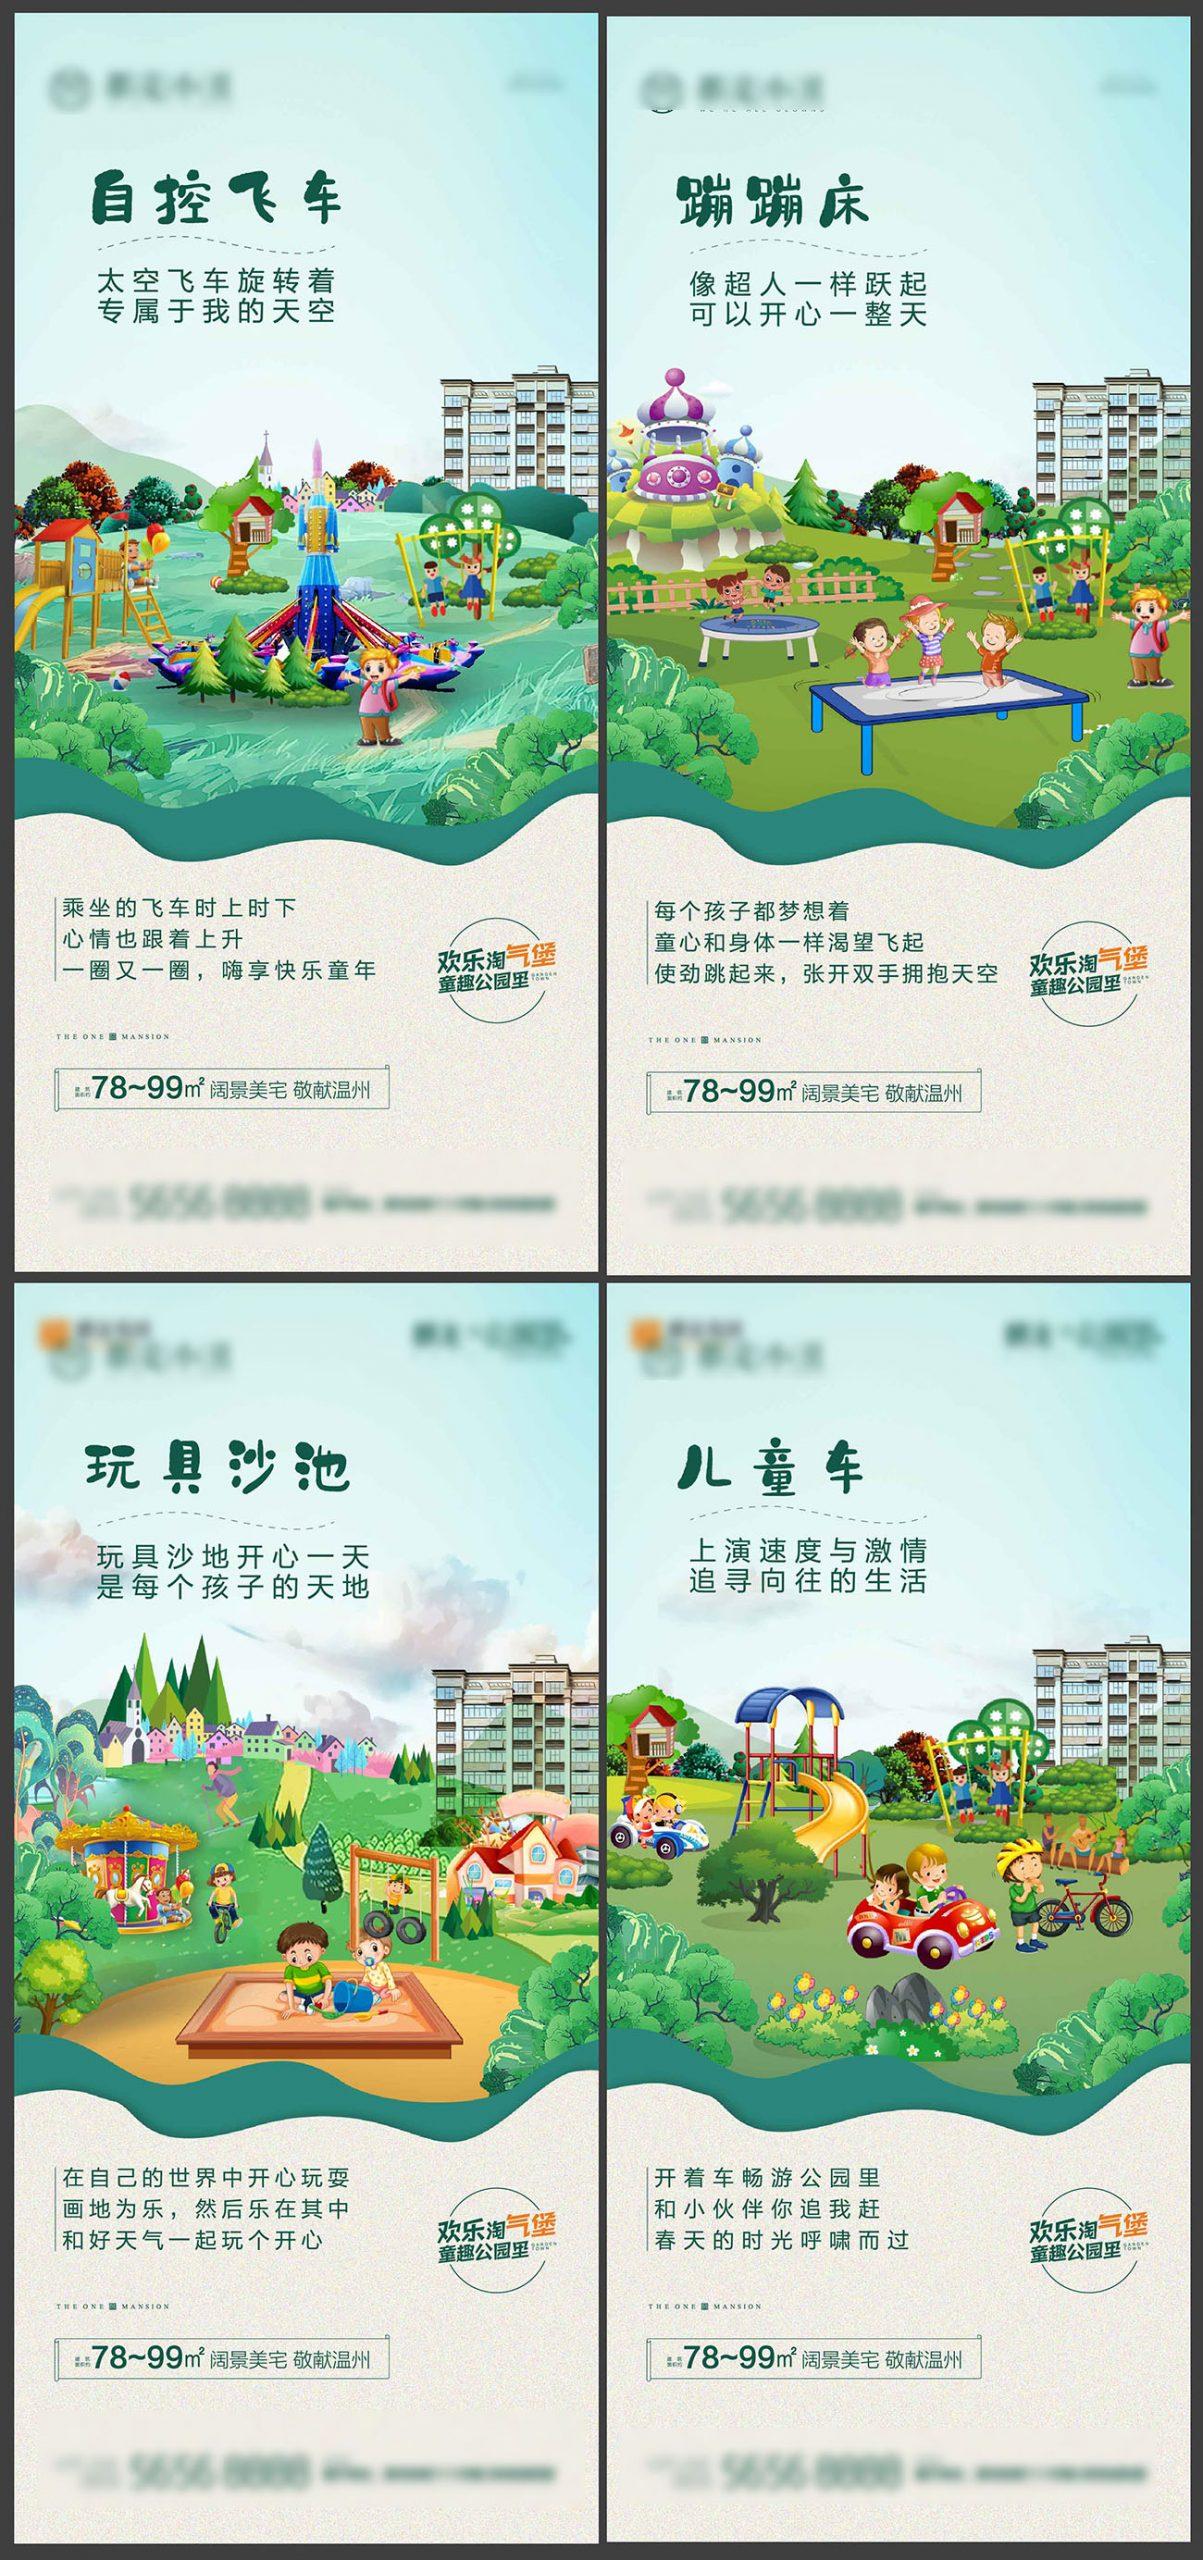 地产公园儿童乐园住宅价值点海报AI+PSD源文件插图